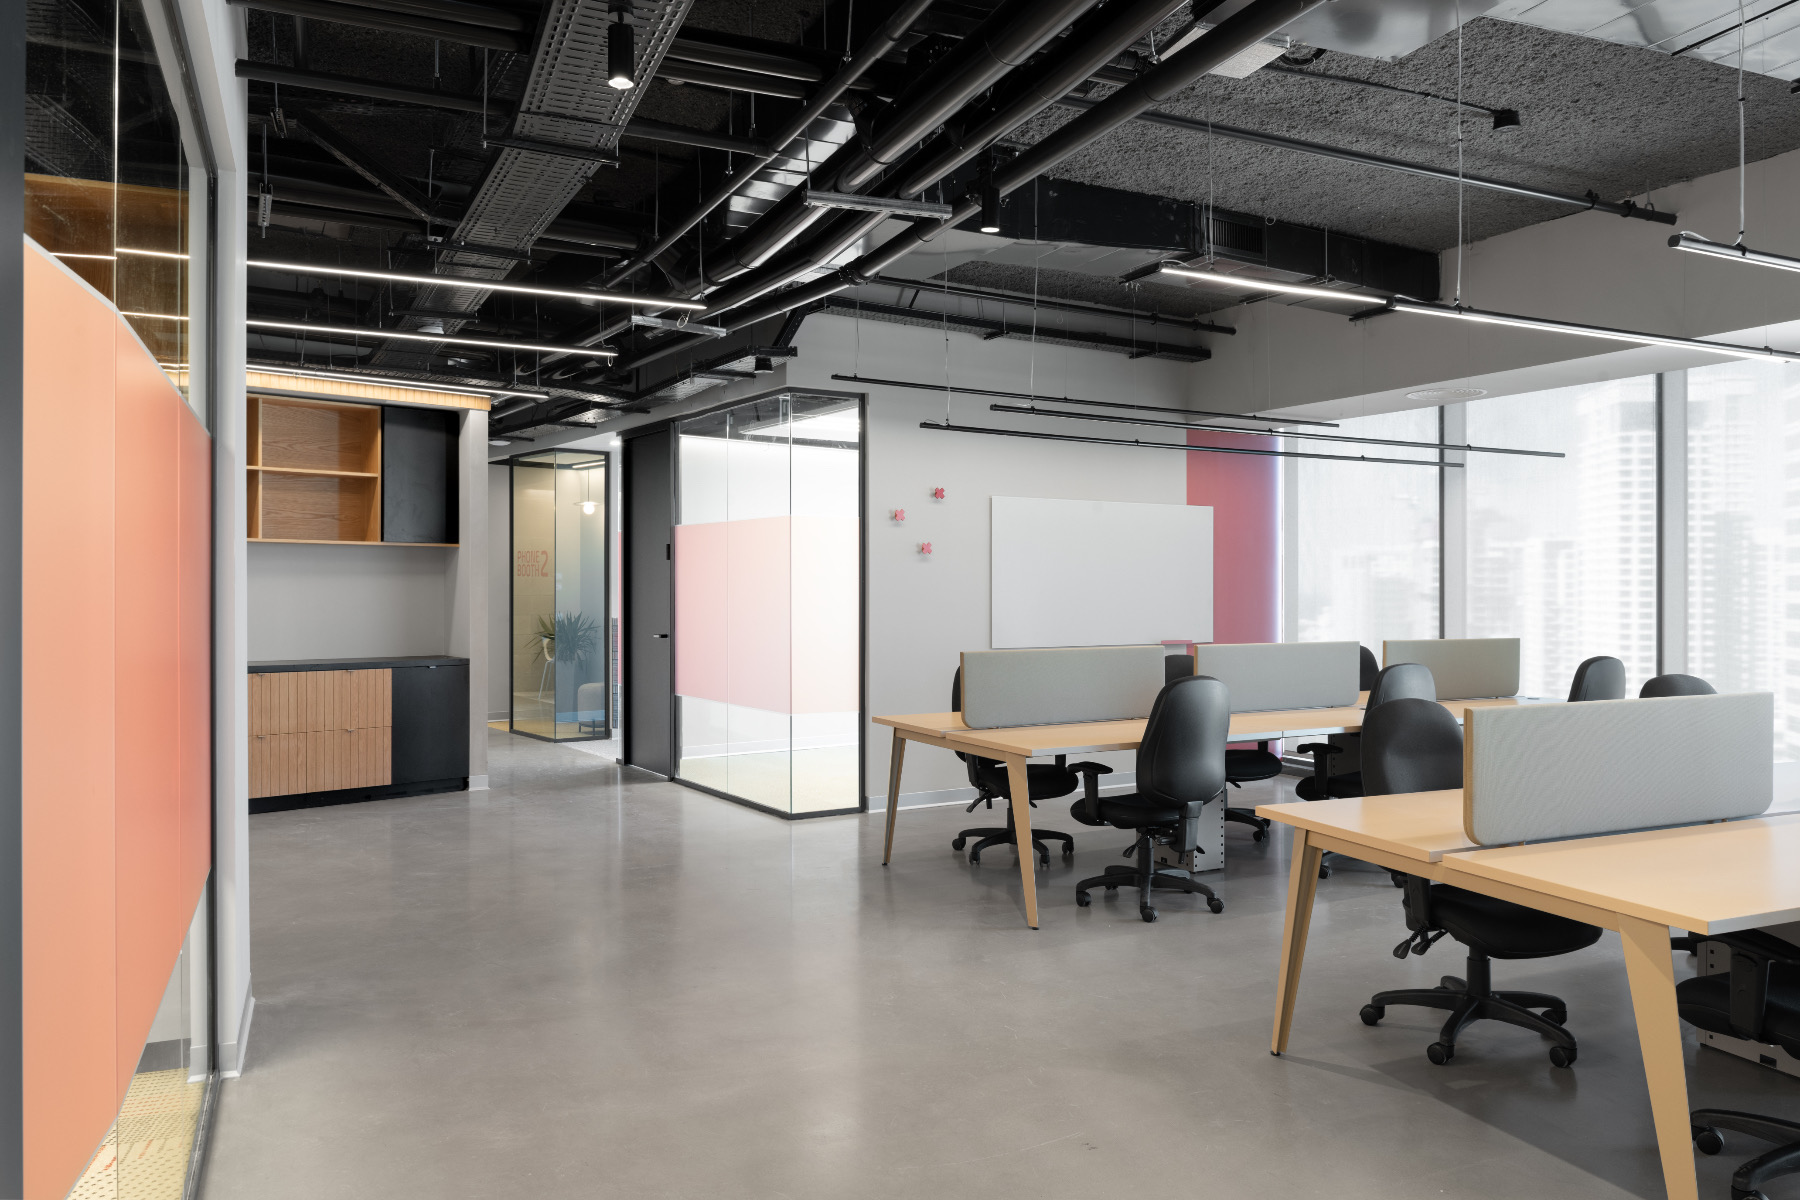 siemplify-tel-aviv-office-23